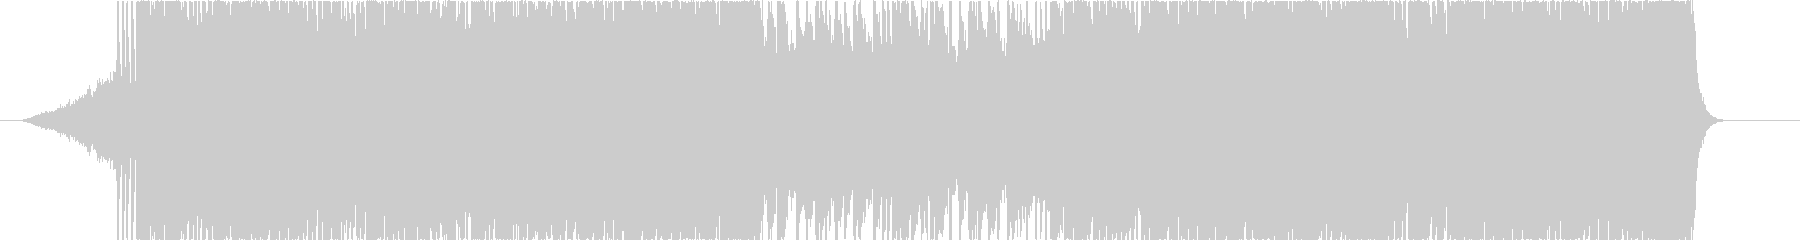 明るめダンス調のバンドBGMの未再生の波形